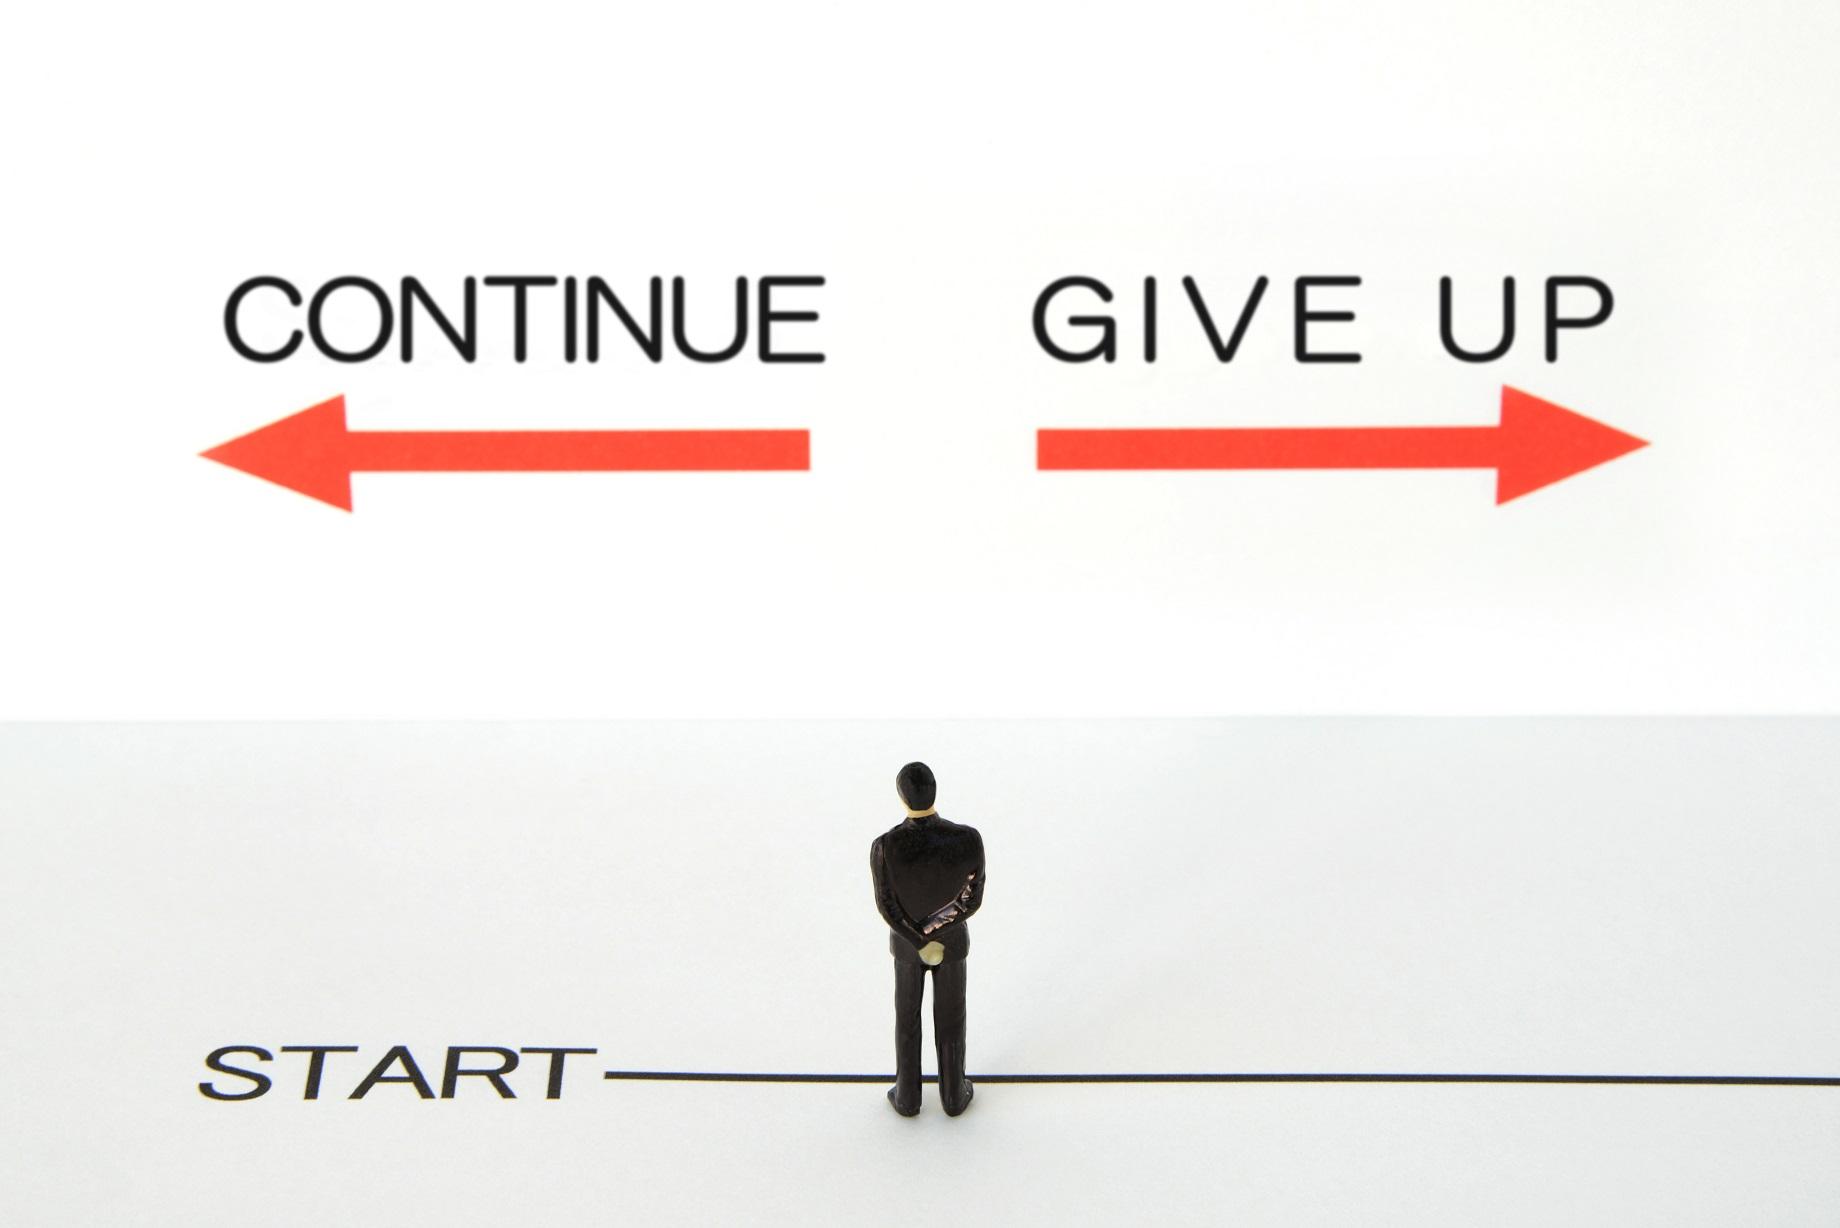 「継続は力なり」あなたが継続できているものは何ですか?